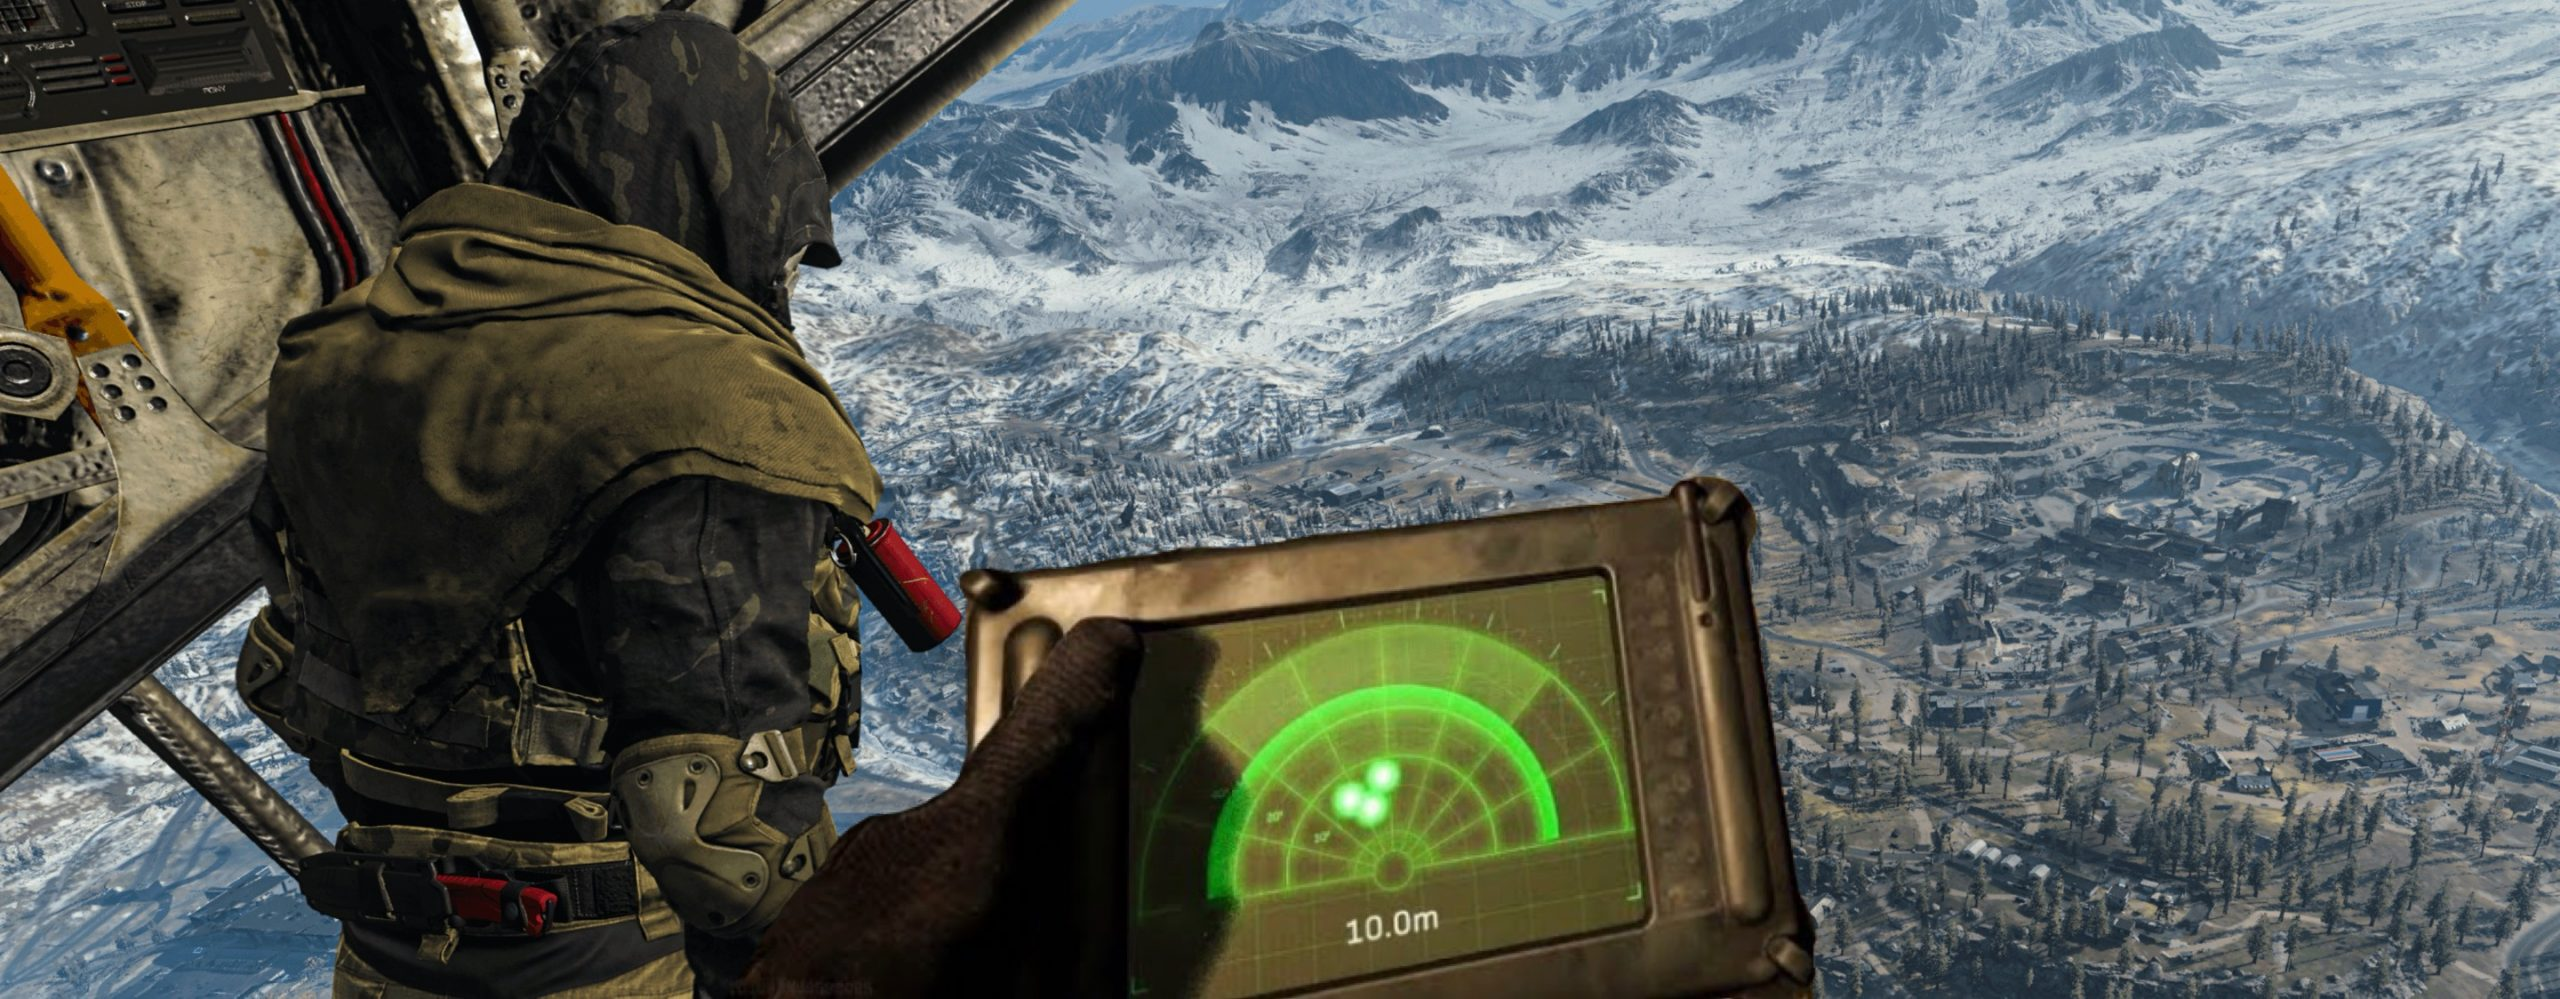 Bestes taktisches Item in CoD Warzone: Darum sollt ihr es nutzen, das macht es stark